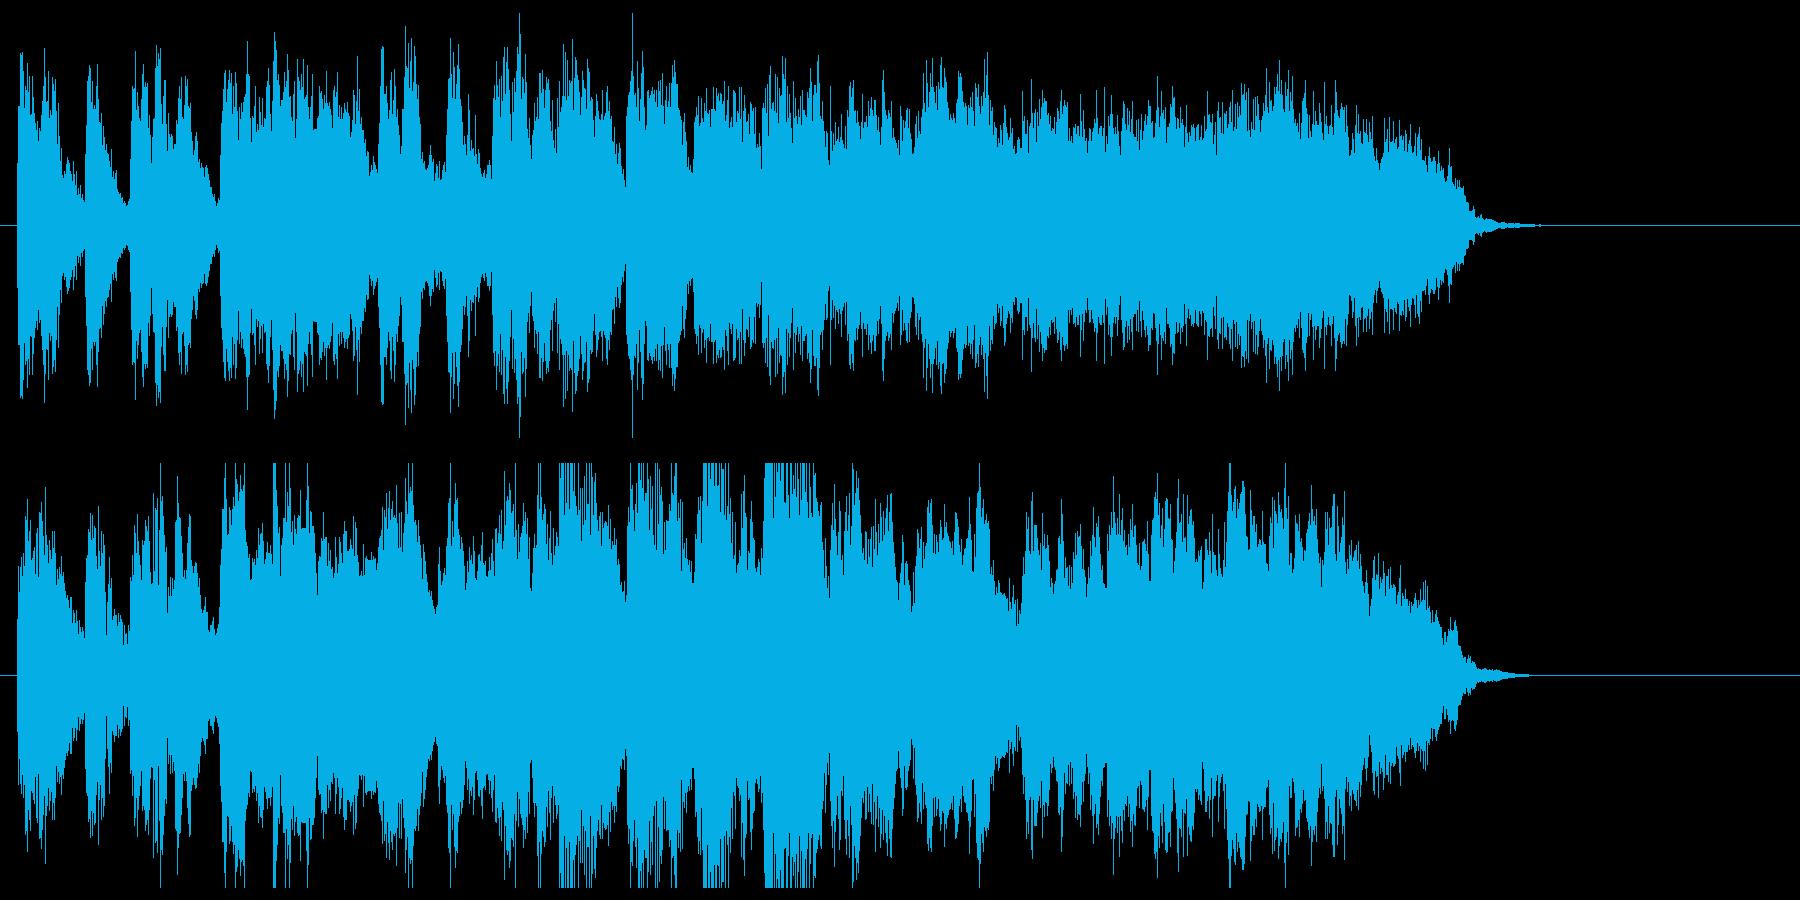 トランペットのジャズ風ジングルの再生済みの波形